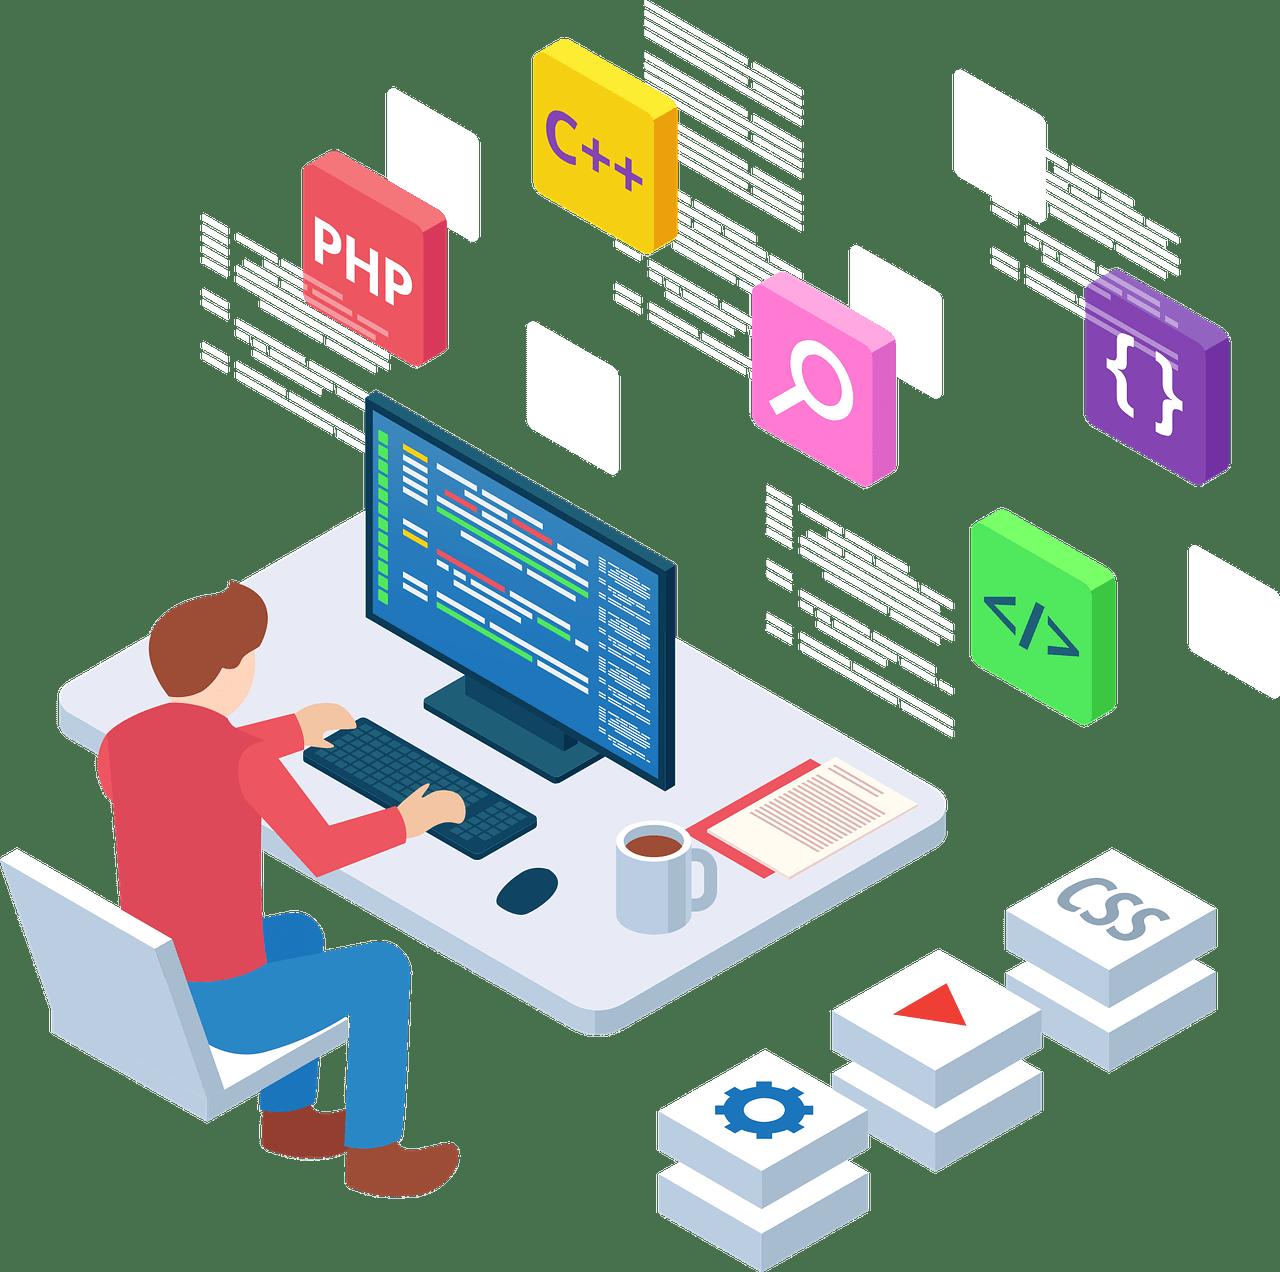 تطوير الويب وأشياء يجب أن تعرفها عنه